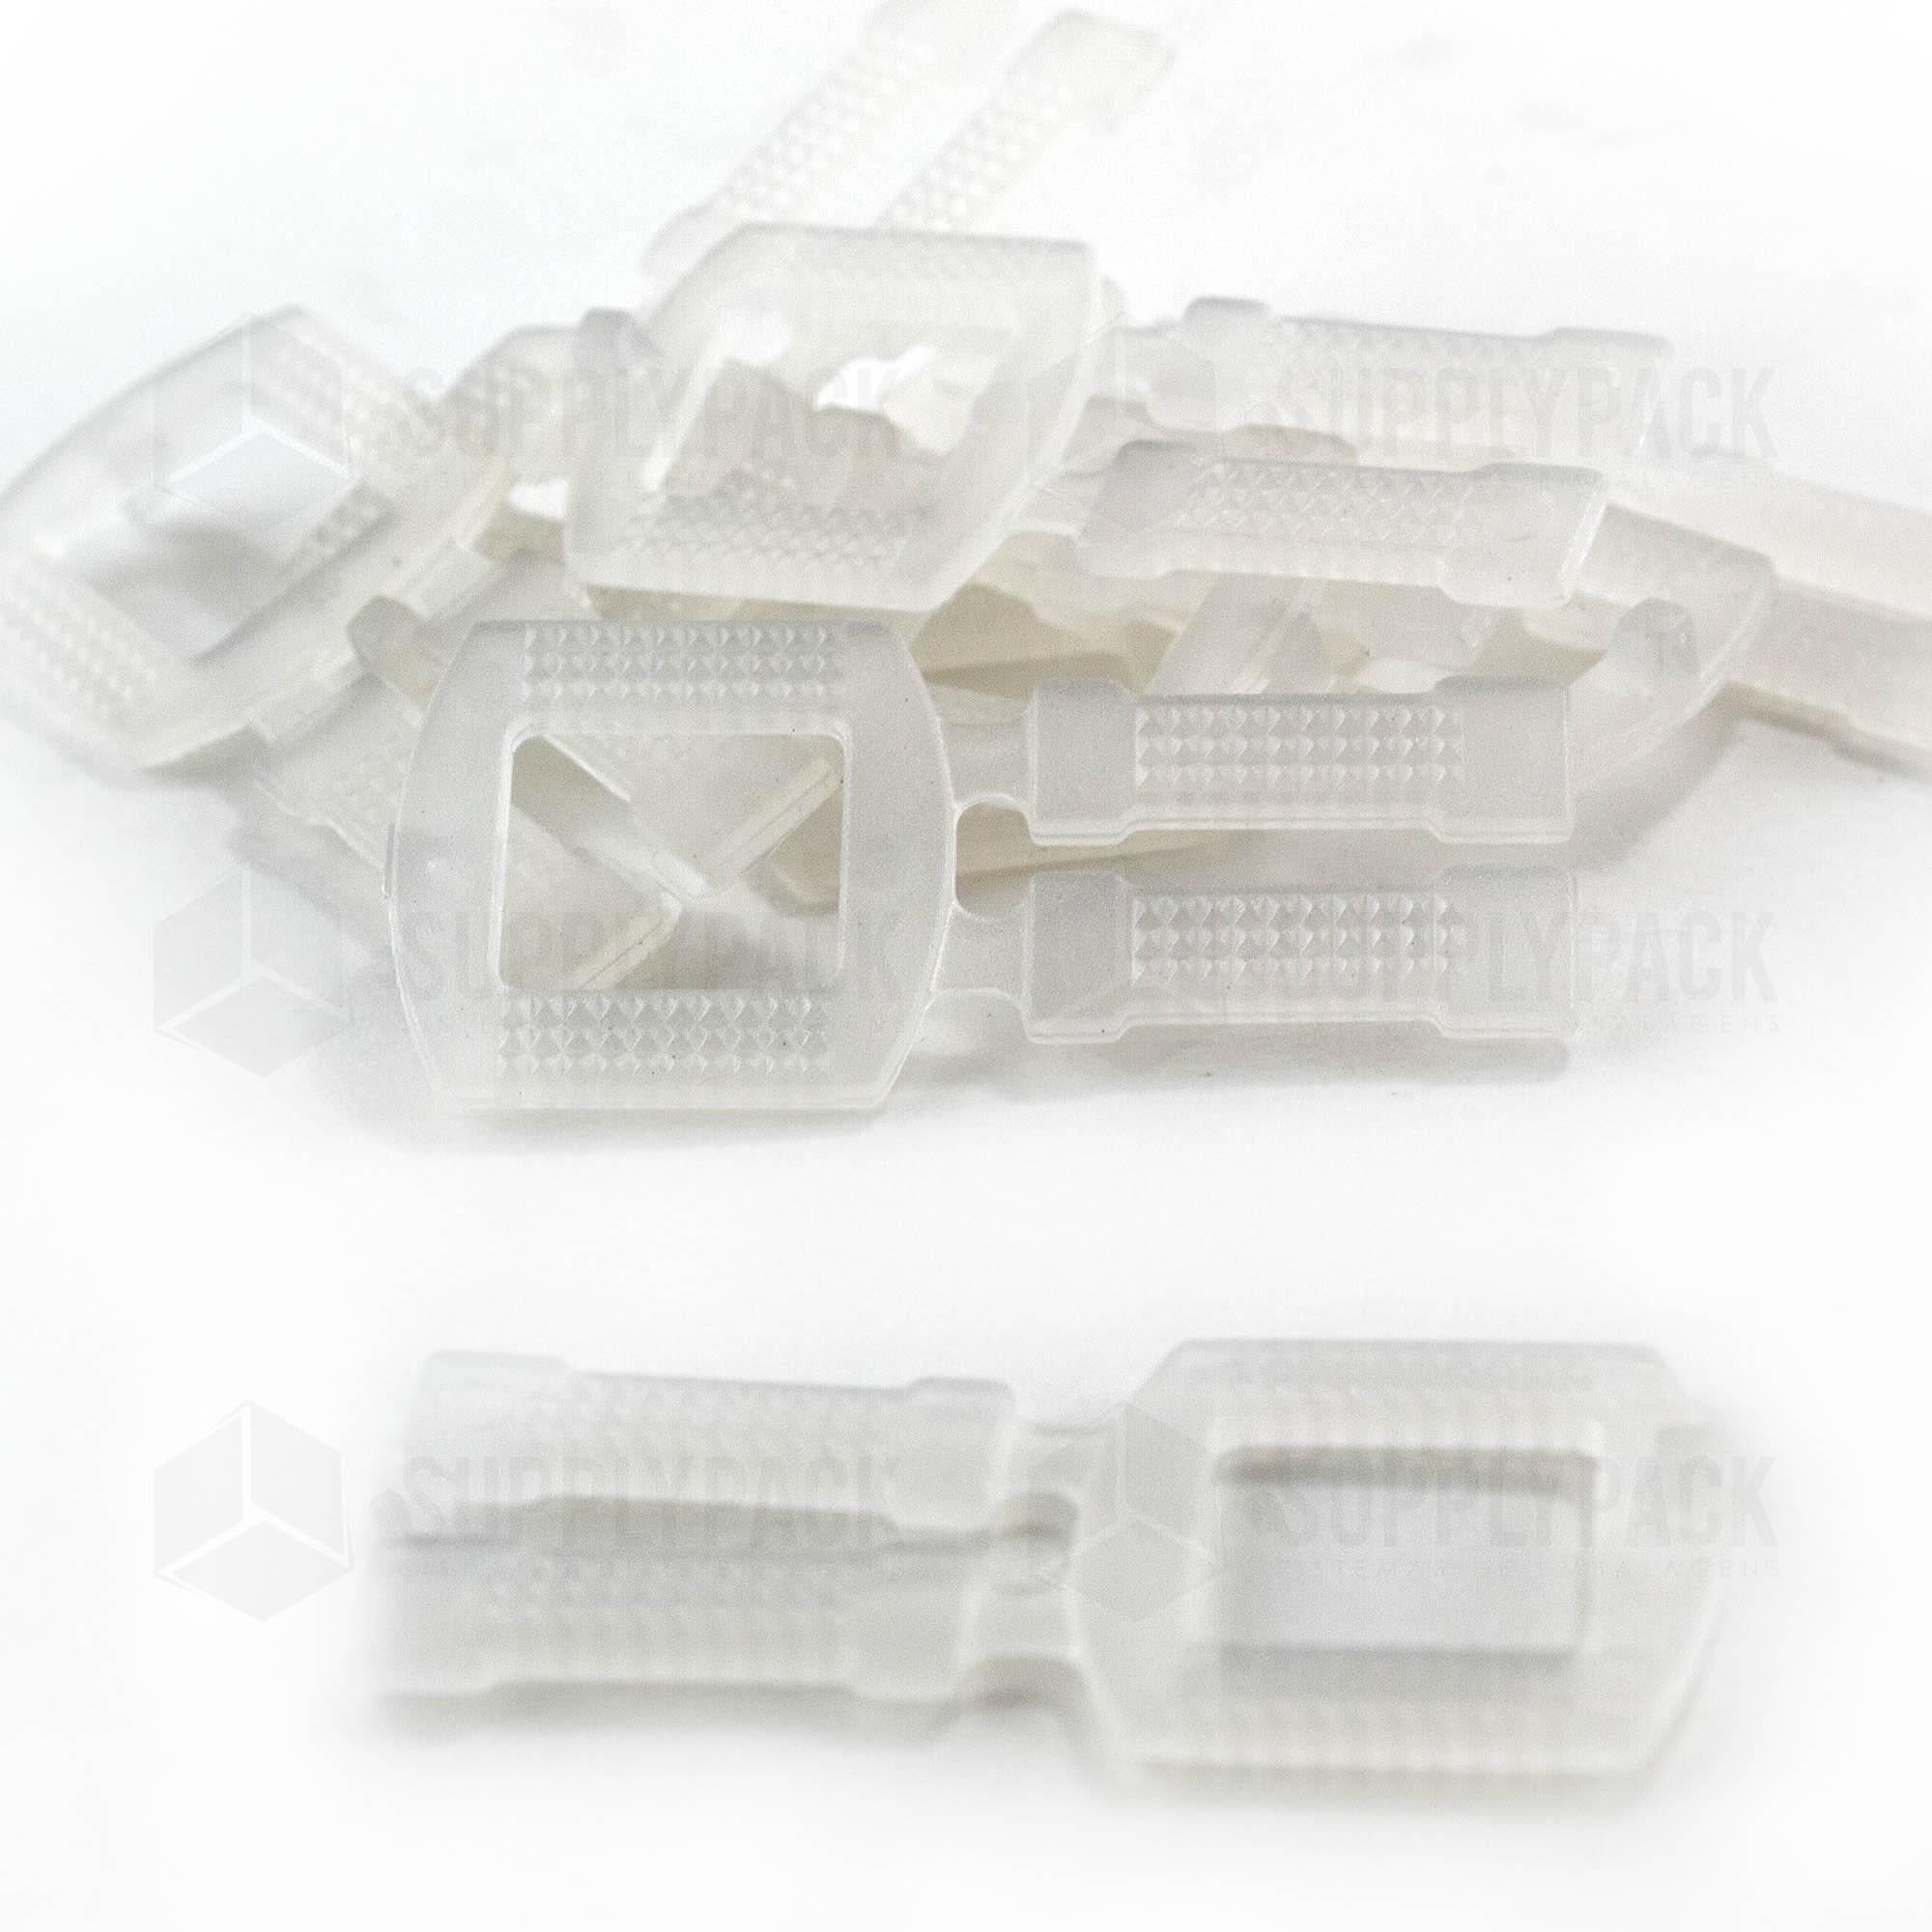 Fivela Plástica 13mm - Pct. c/ 1000 Und. Supplypack